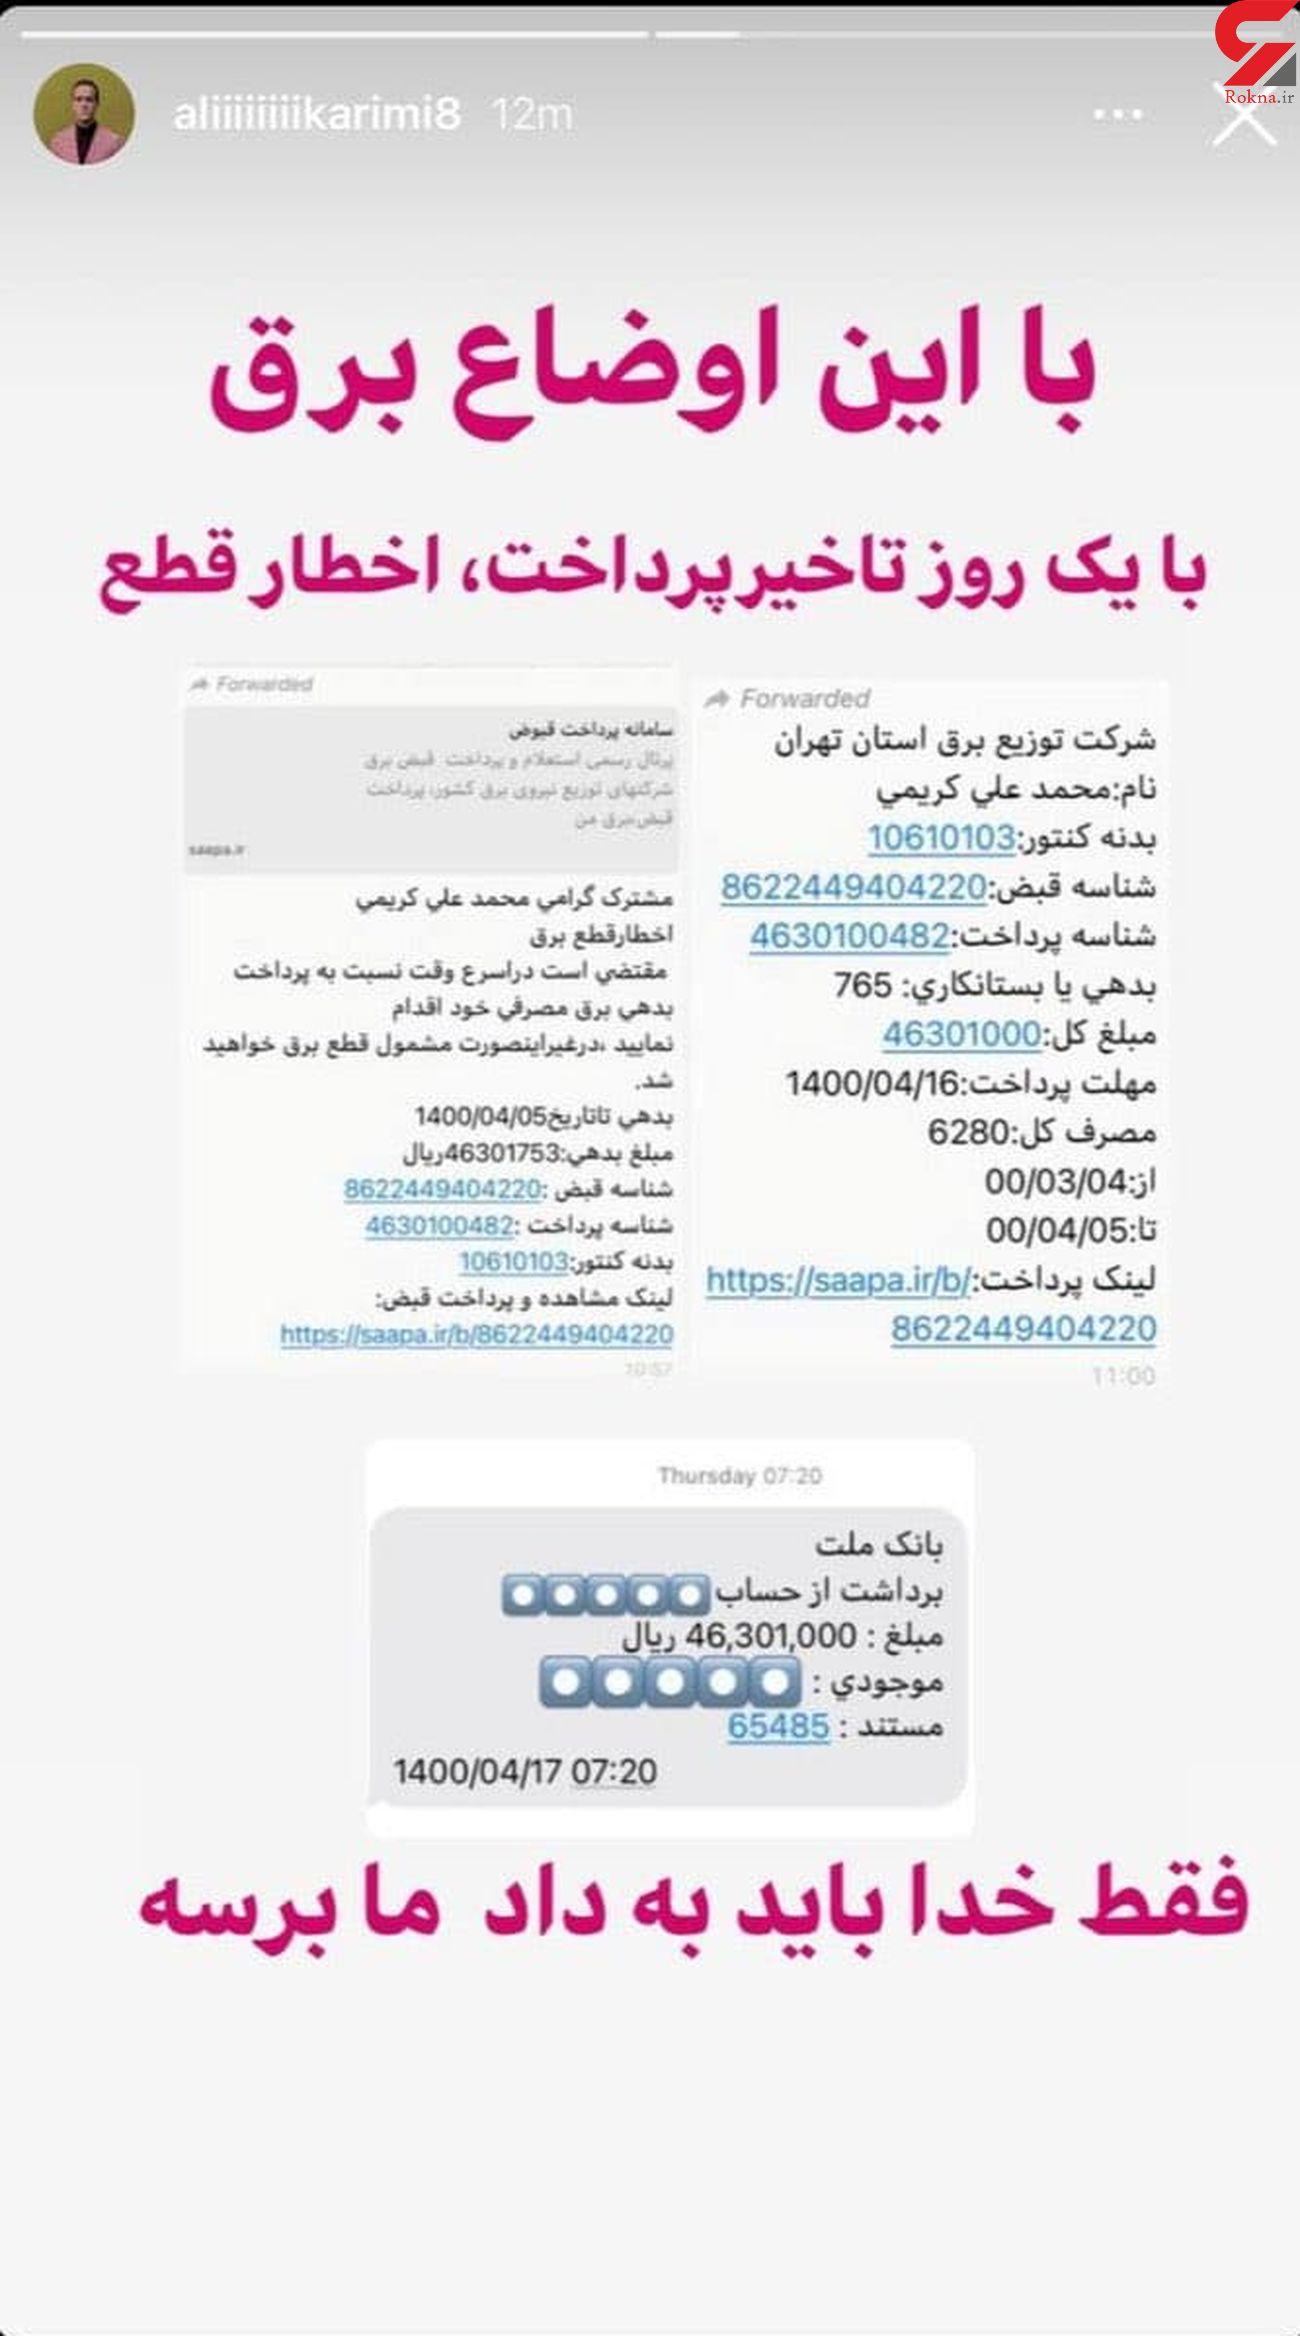 فاجعه بی عدالتی /  یارانه ۴۵ هزار تومانی ۲۲۰ ایرانی در قبض برق ماهانه یک شهروند!